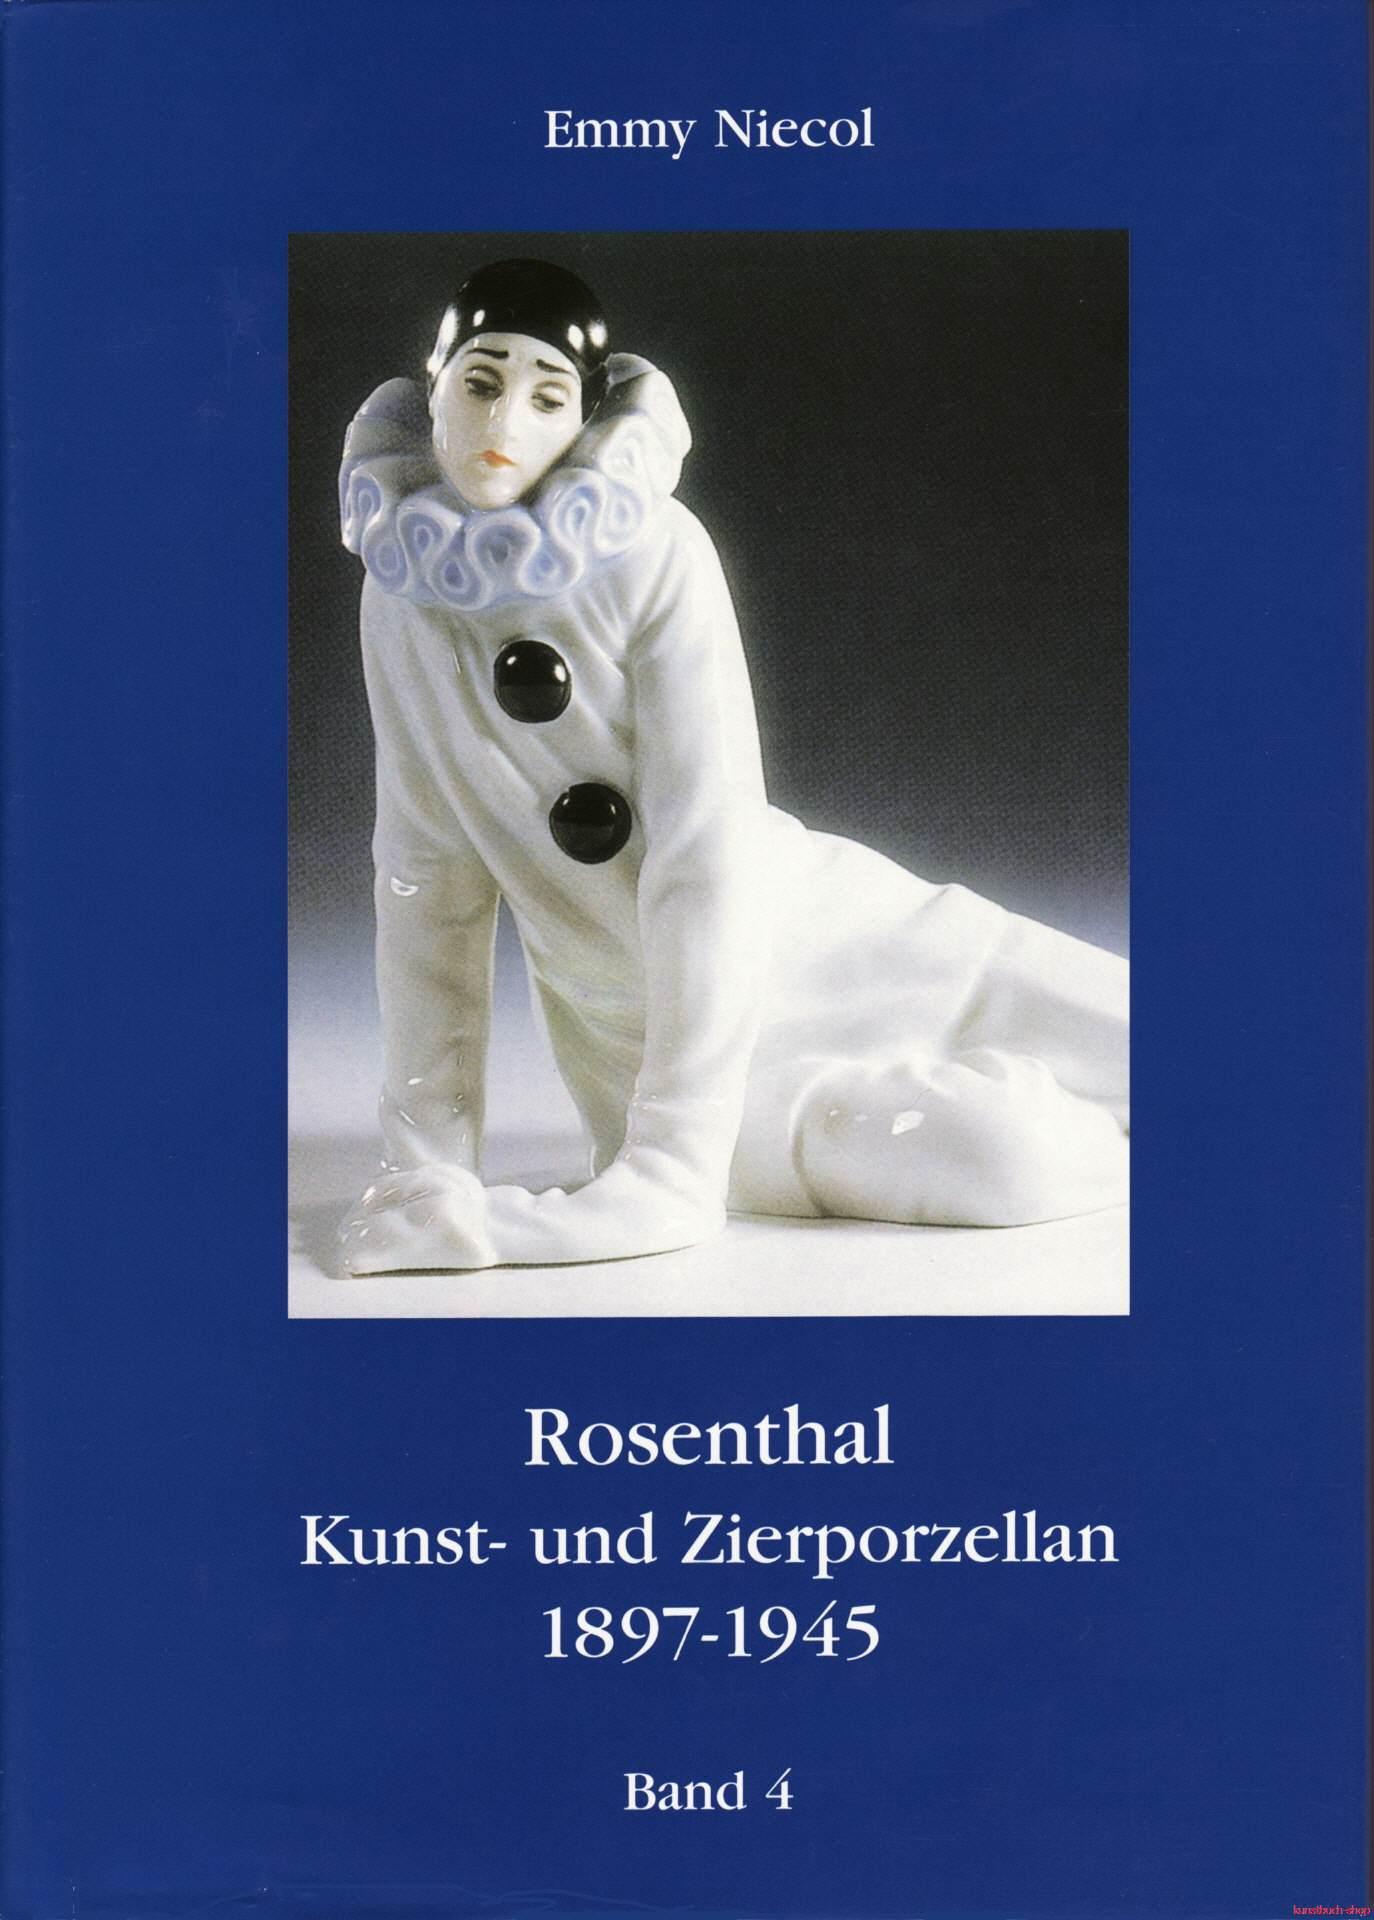 Rosenthal, Kunst- und Zierporzellan 1897-1945 / Rosenthal - Kunst und Zierporzellan 1897-1945. Band 4